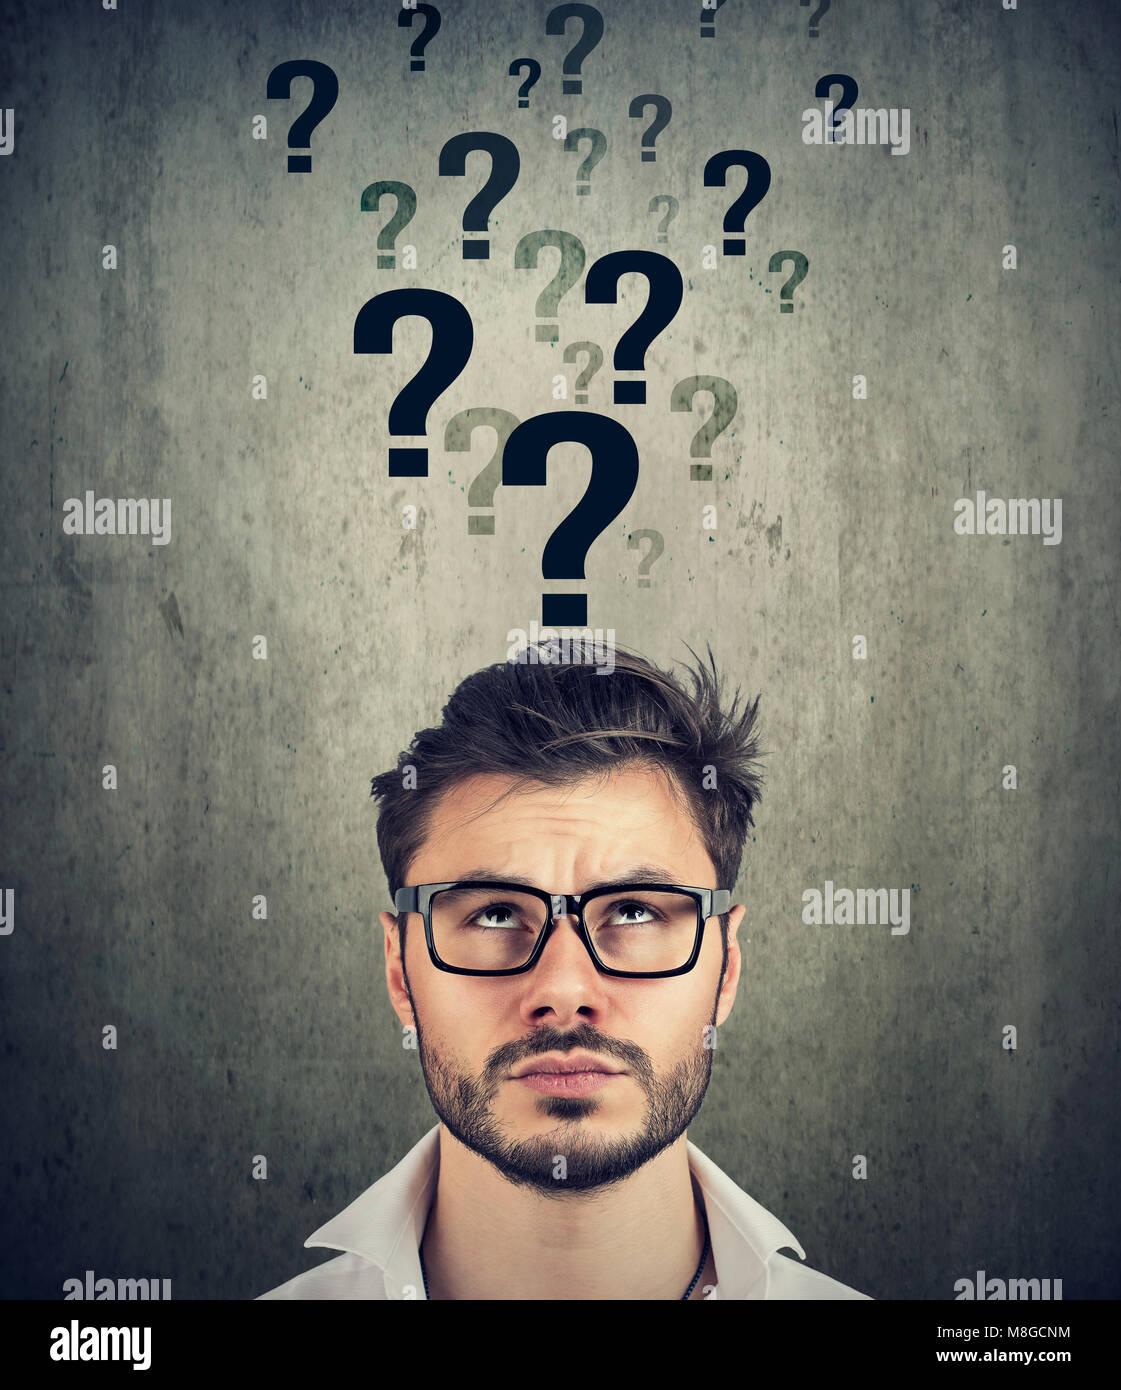 Homme perplexe avec trop de questions et pas de réponse Banque D'Images